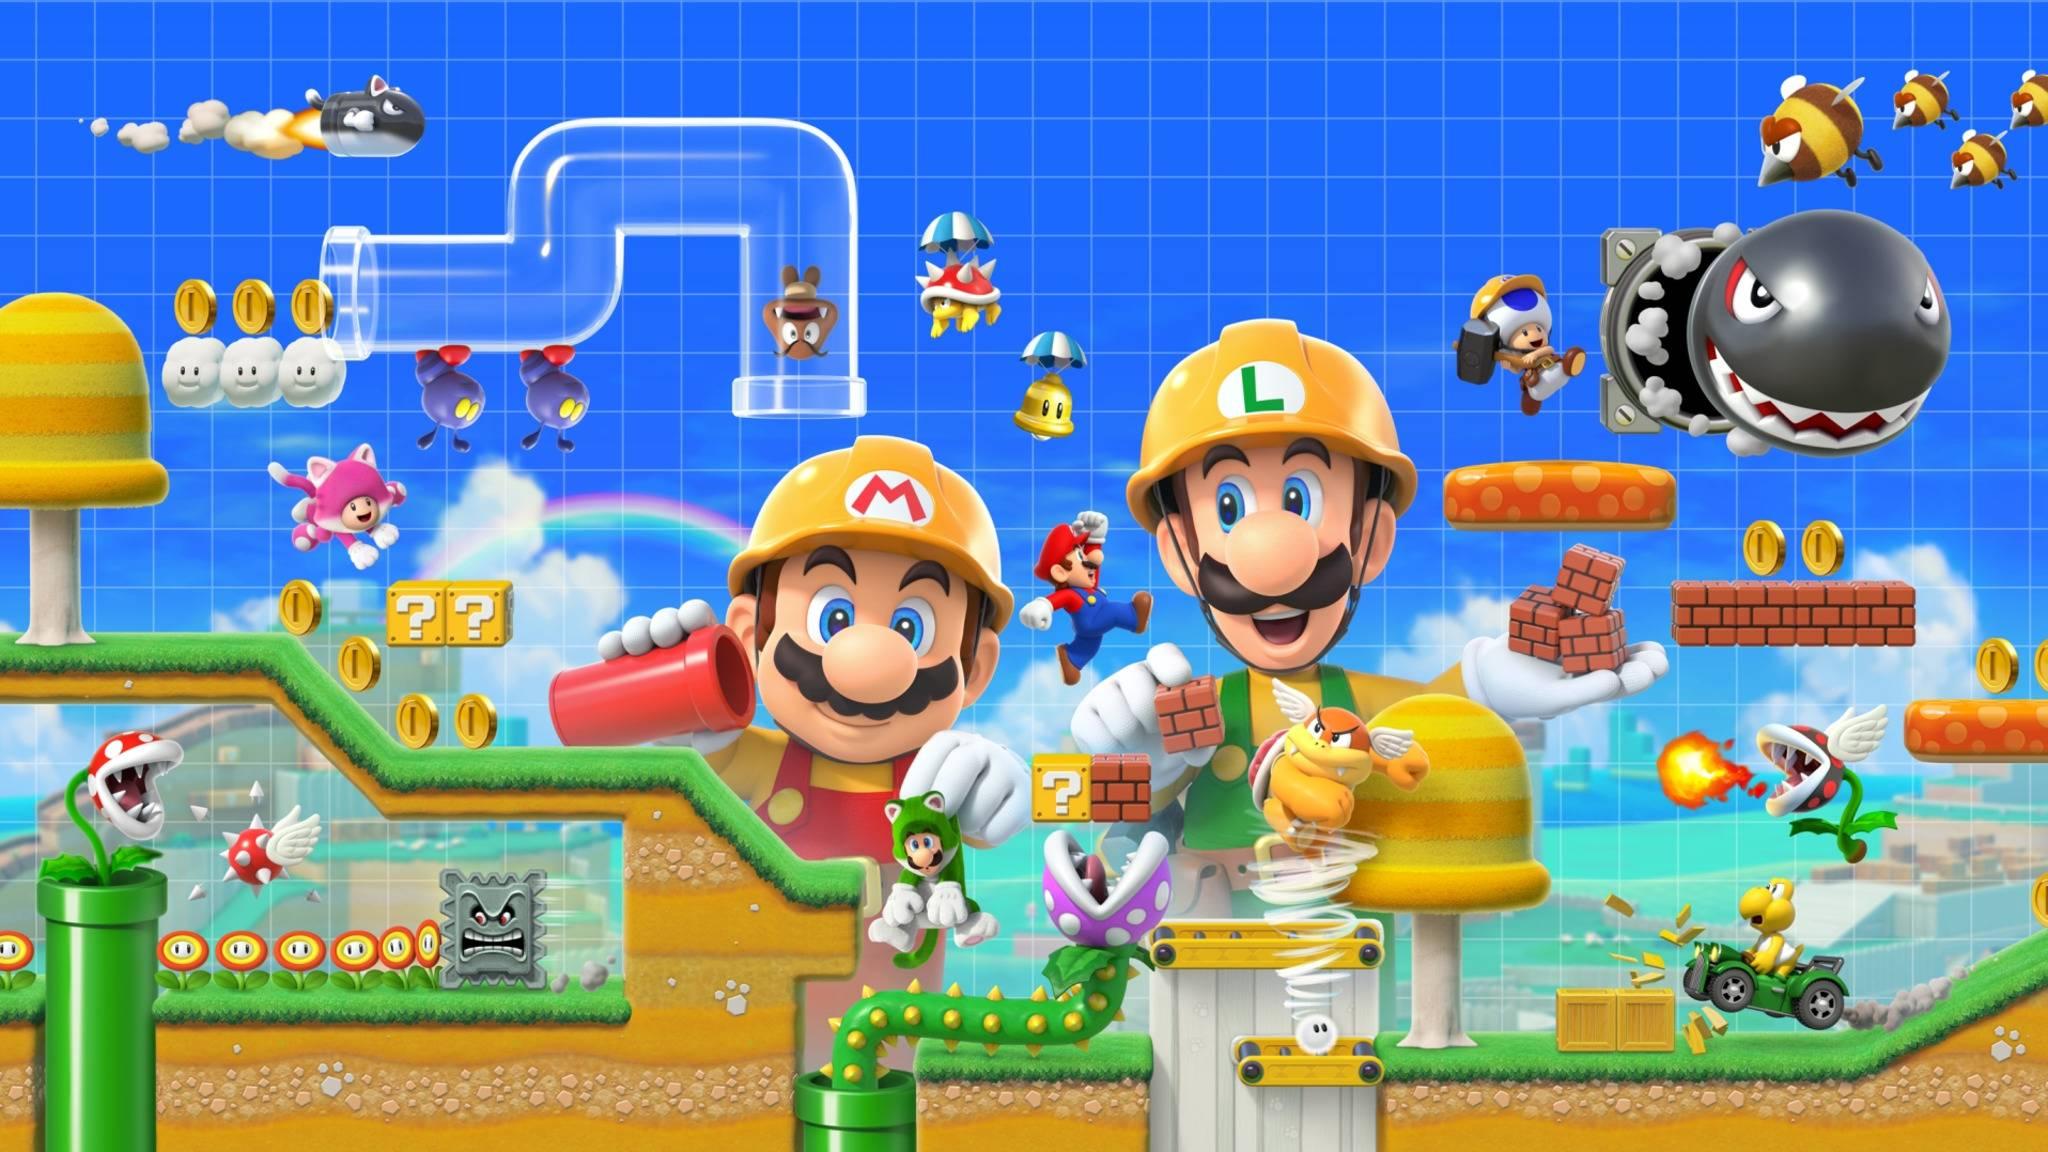 Endlich kann Mario auch online zusammen mit Luigi zocken.